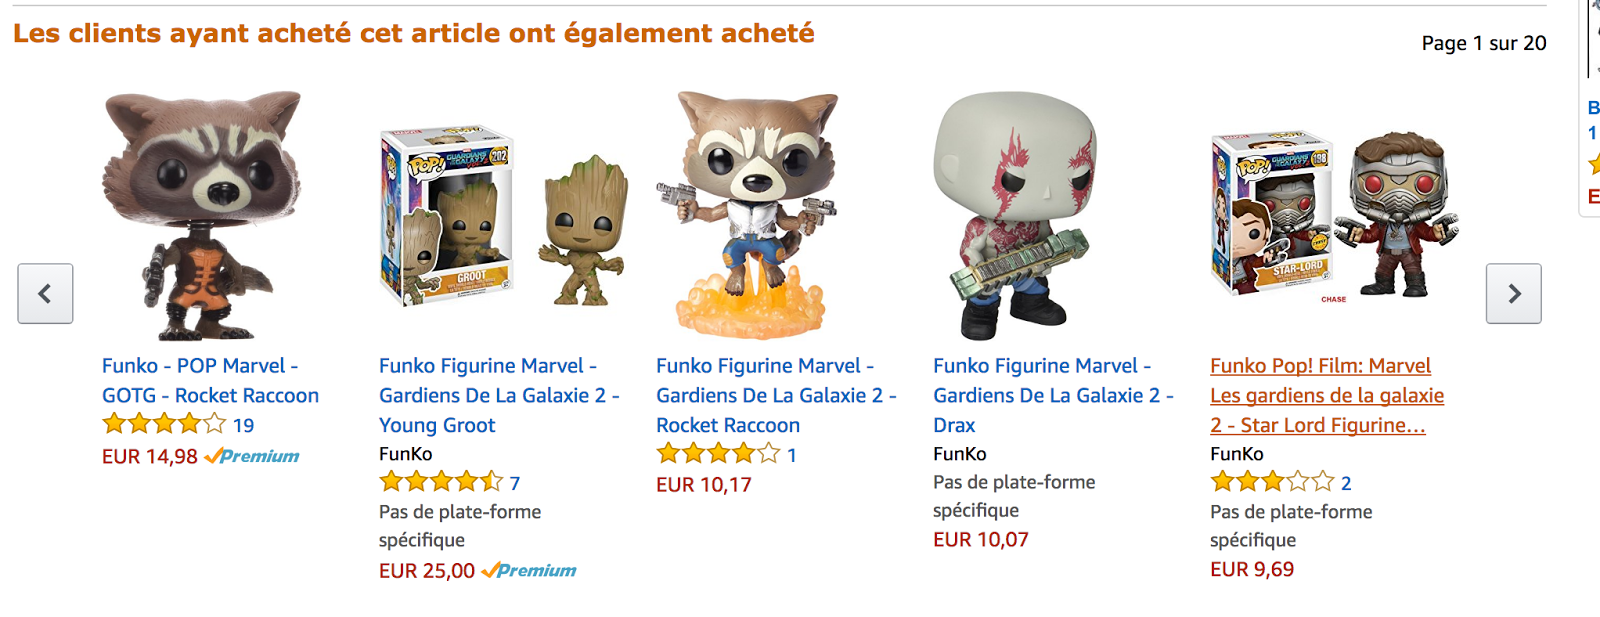 Amazon présente d'autres produits qui intéressent le même type de clients